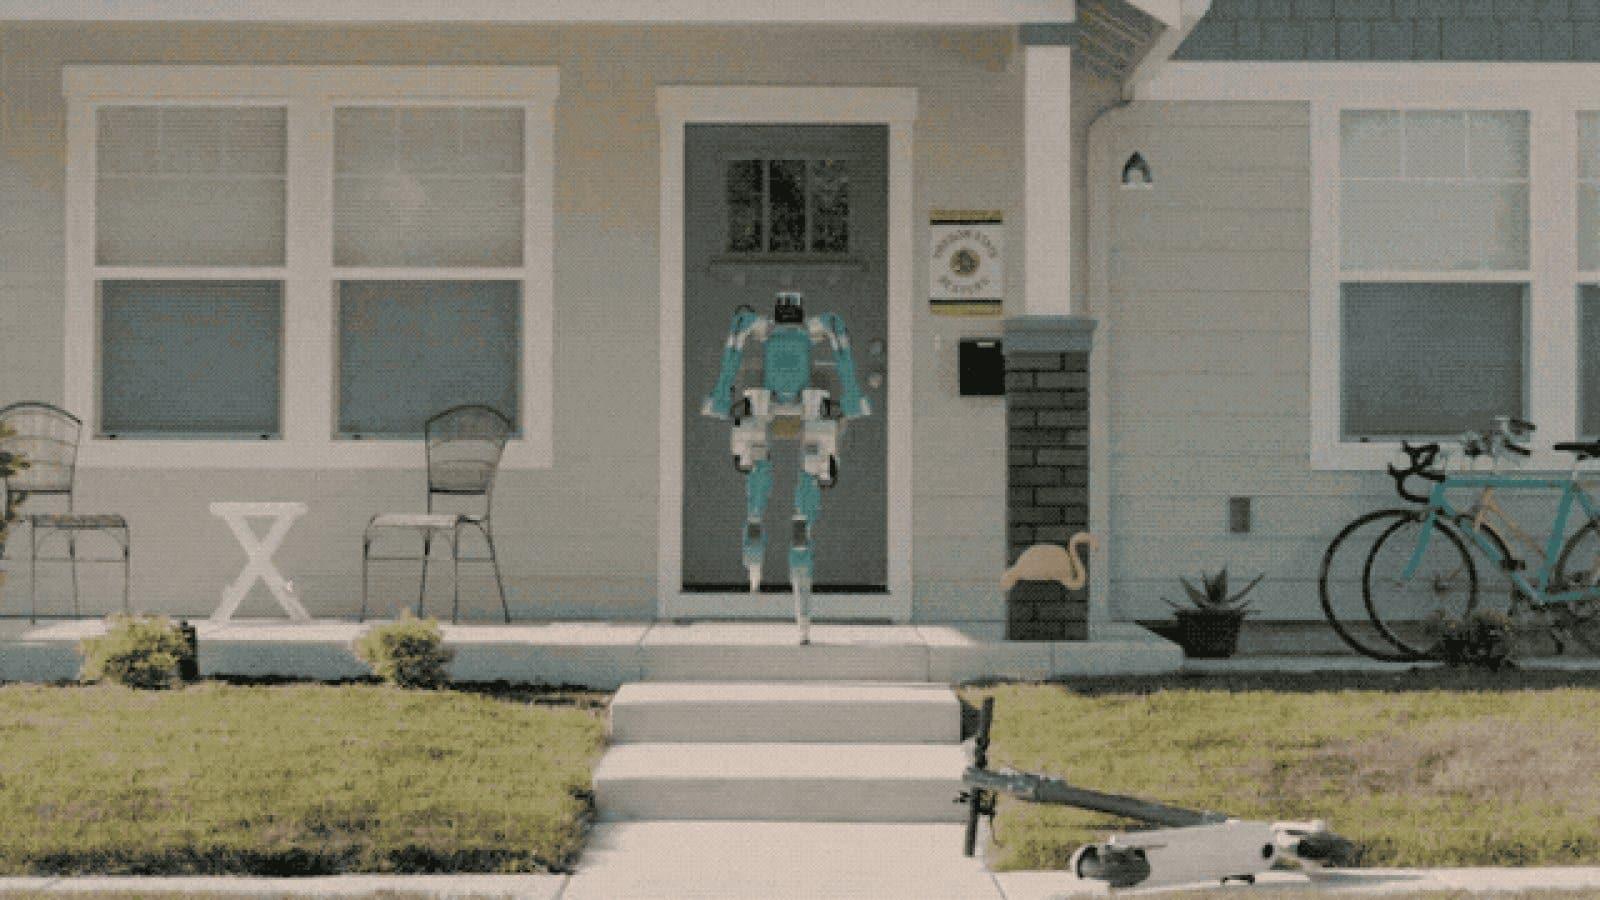 Le constructeur américain imagine un robot autonome capable de nous livrer à domicile.